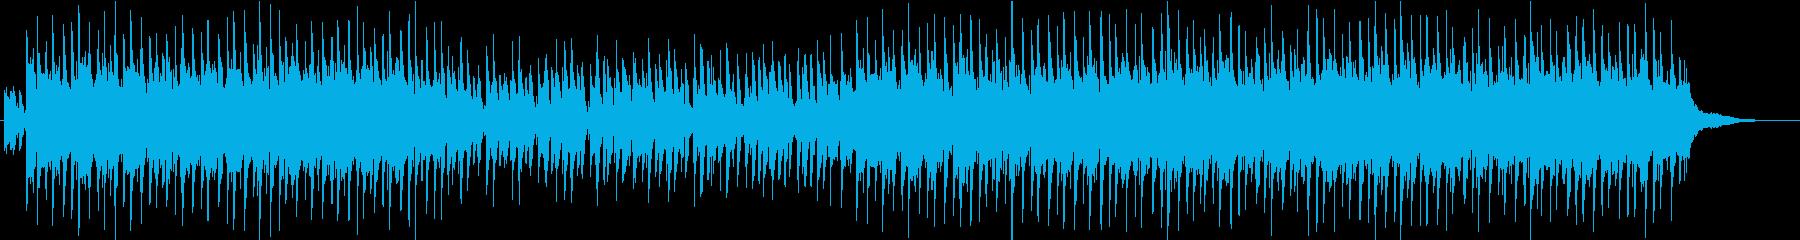 ほのぼのアコースティックPOPドラム抜きの再生済みの波形